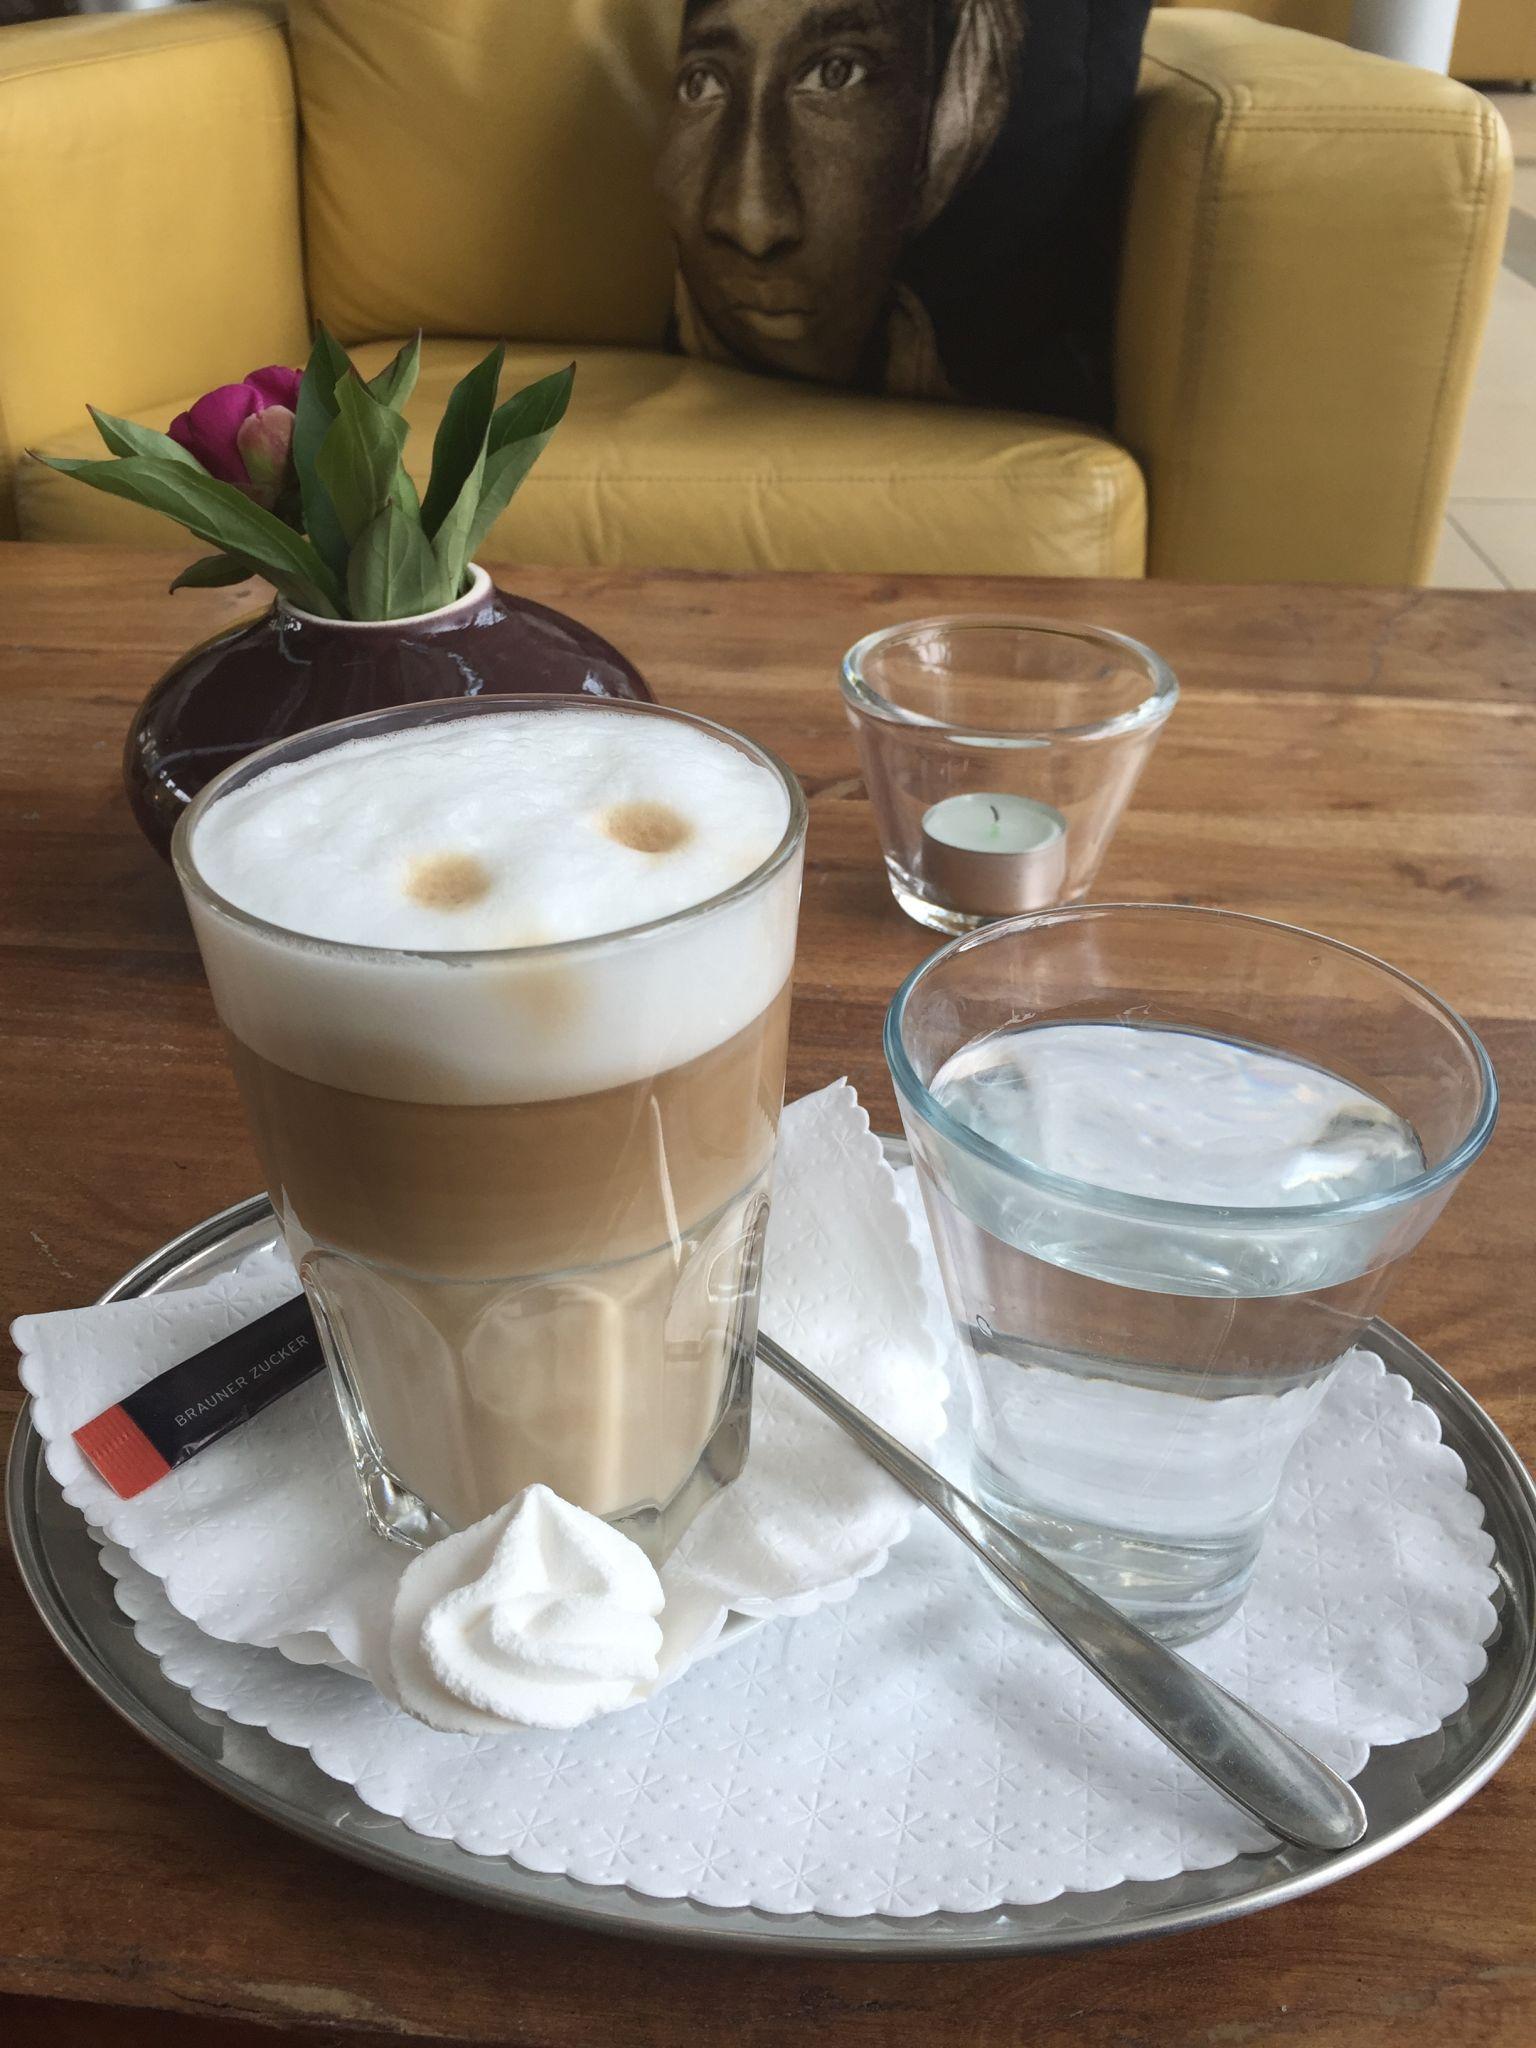 Kaffee Mythen und echte italienische Kaffeekultur